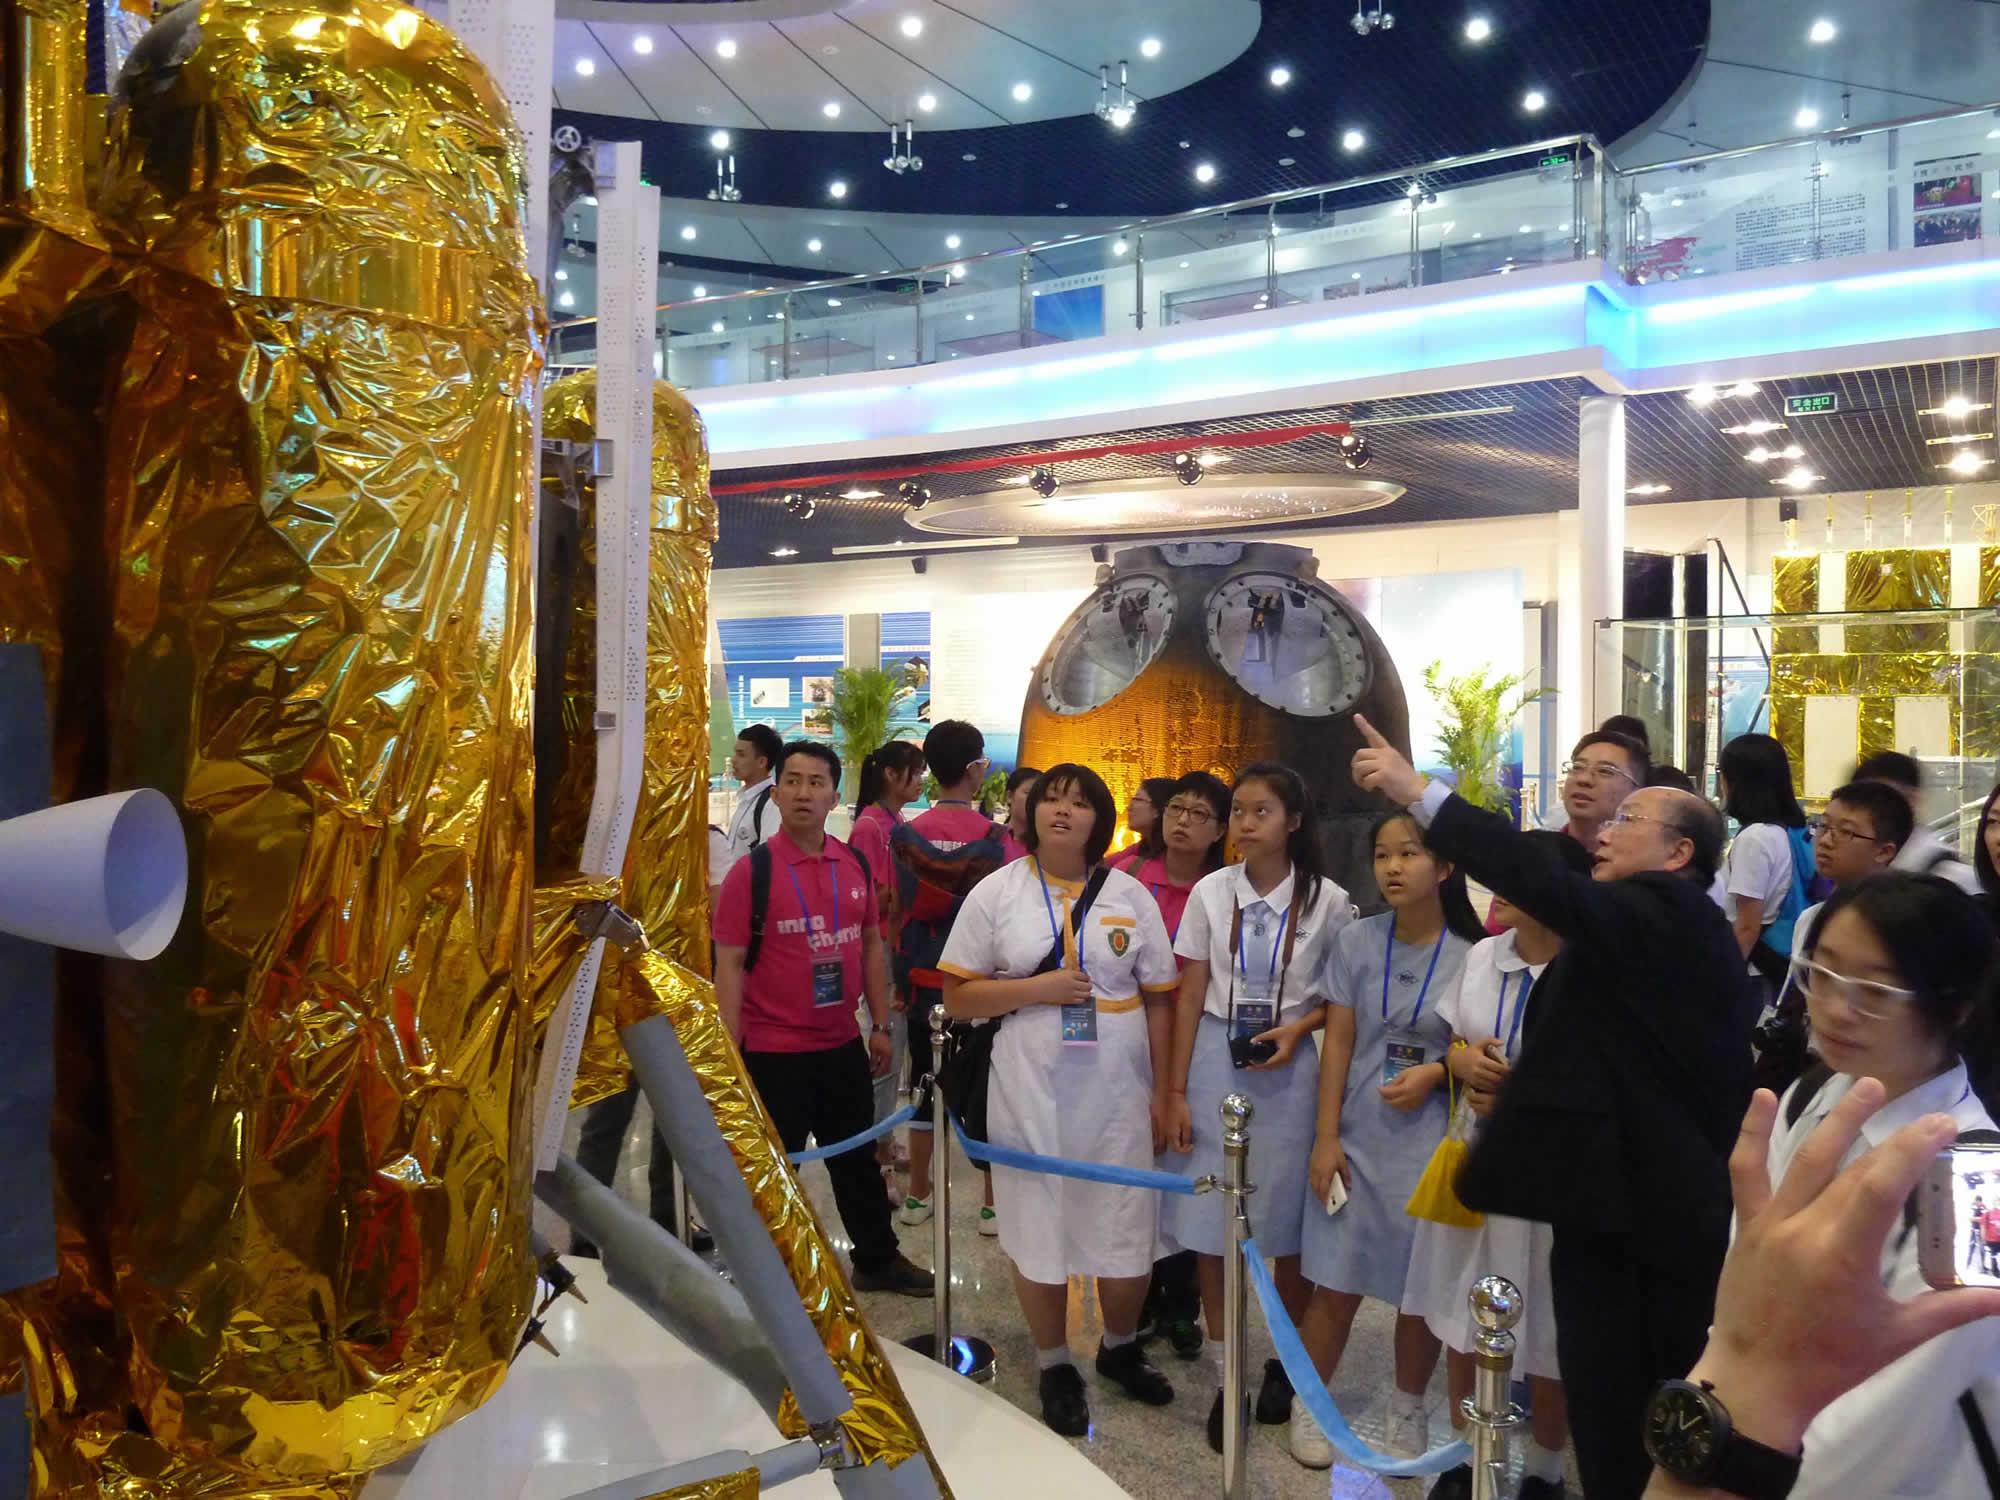 在中國空間技術研究院,嫦娥三號攝影系統設計者容啟亮教授為學生簡介月球攝影情况 (1)